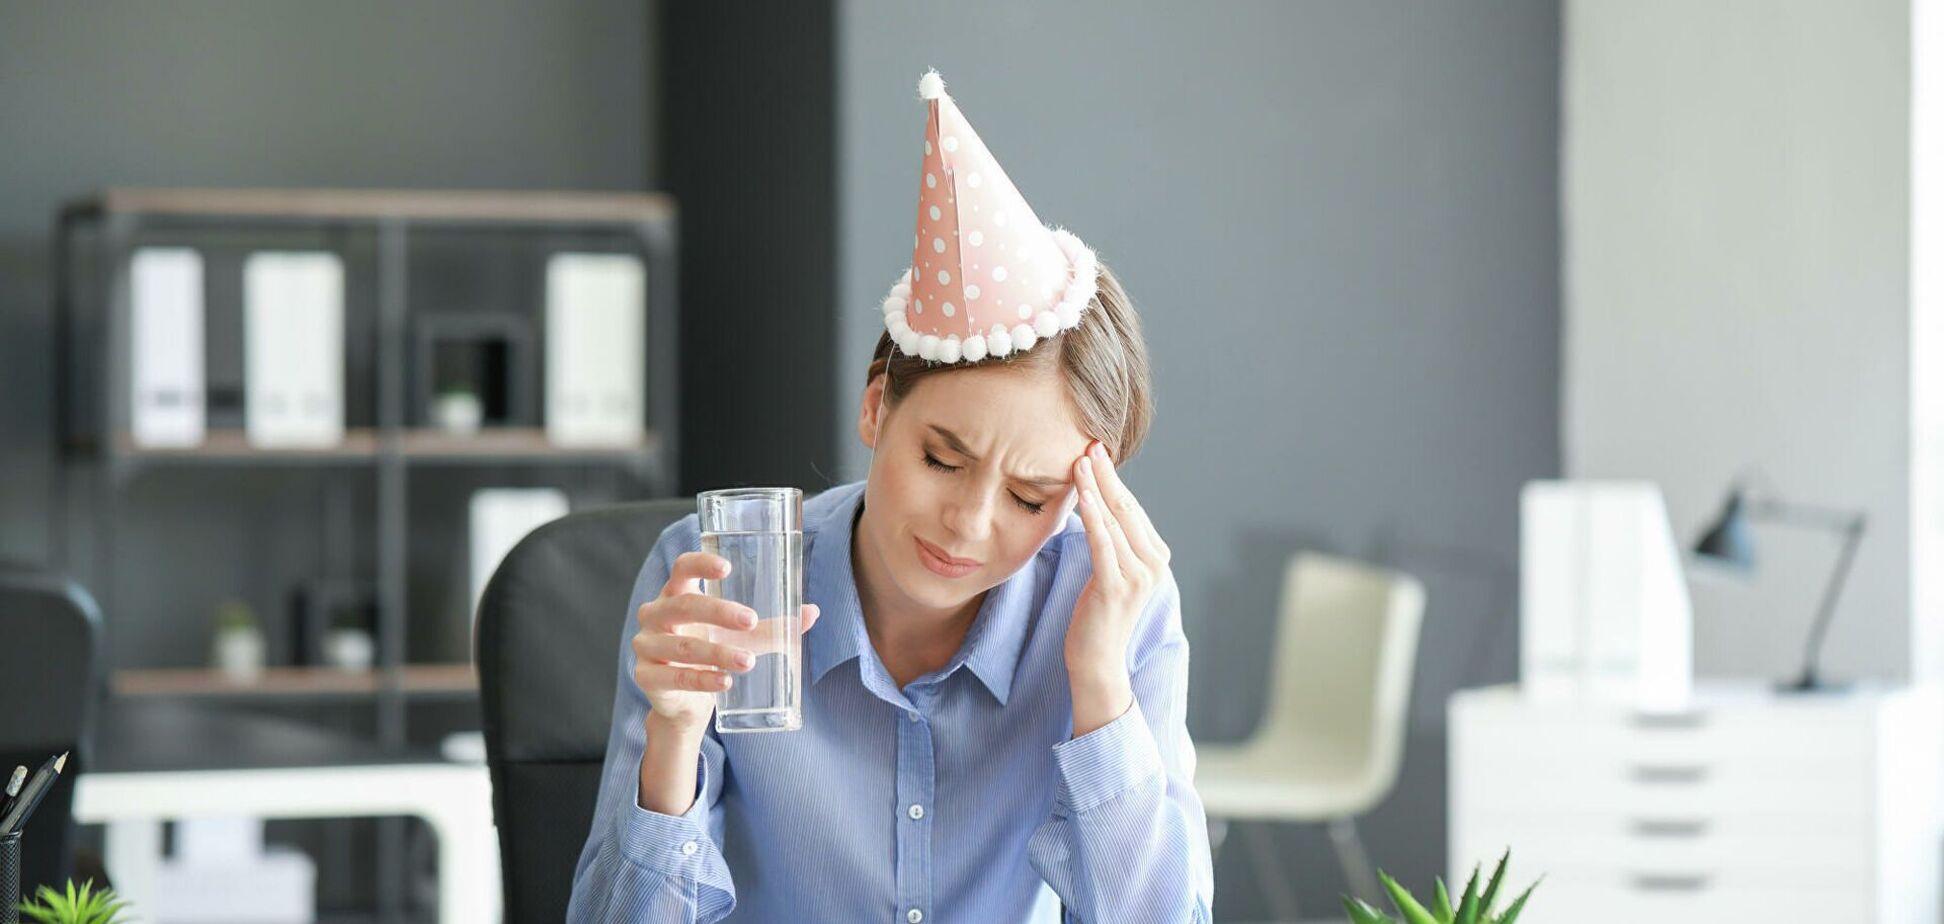 Як позбутися від слідів похмілля: 5 ефективних способів